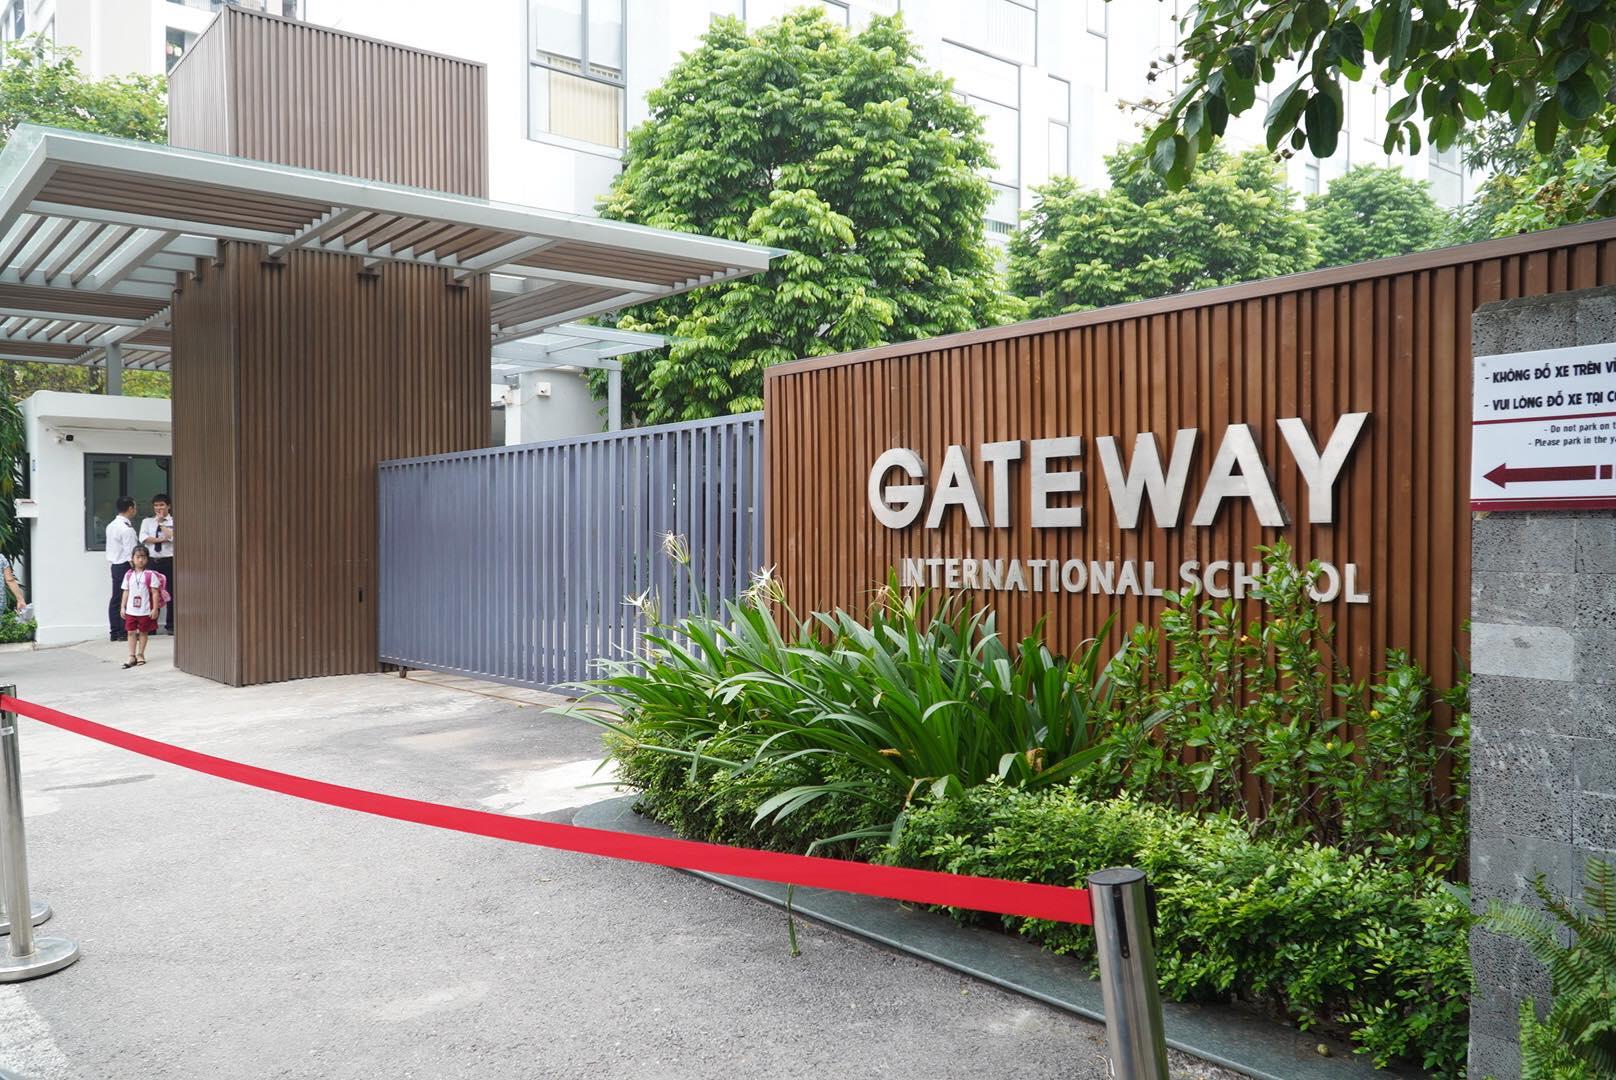 Lý do hiệu trưởng Gateway không phải chịu trách nhiệm vụ bé tử vong - 1